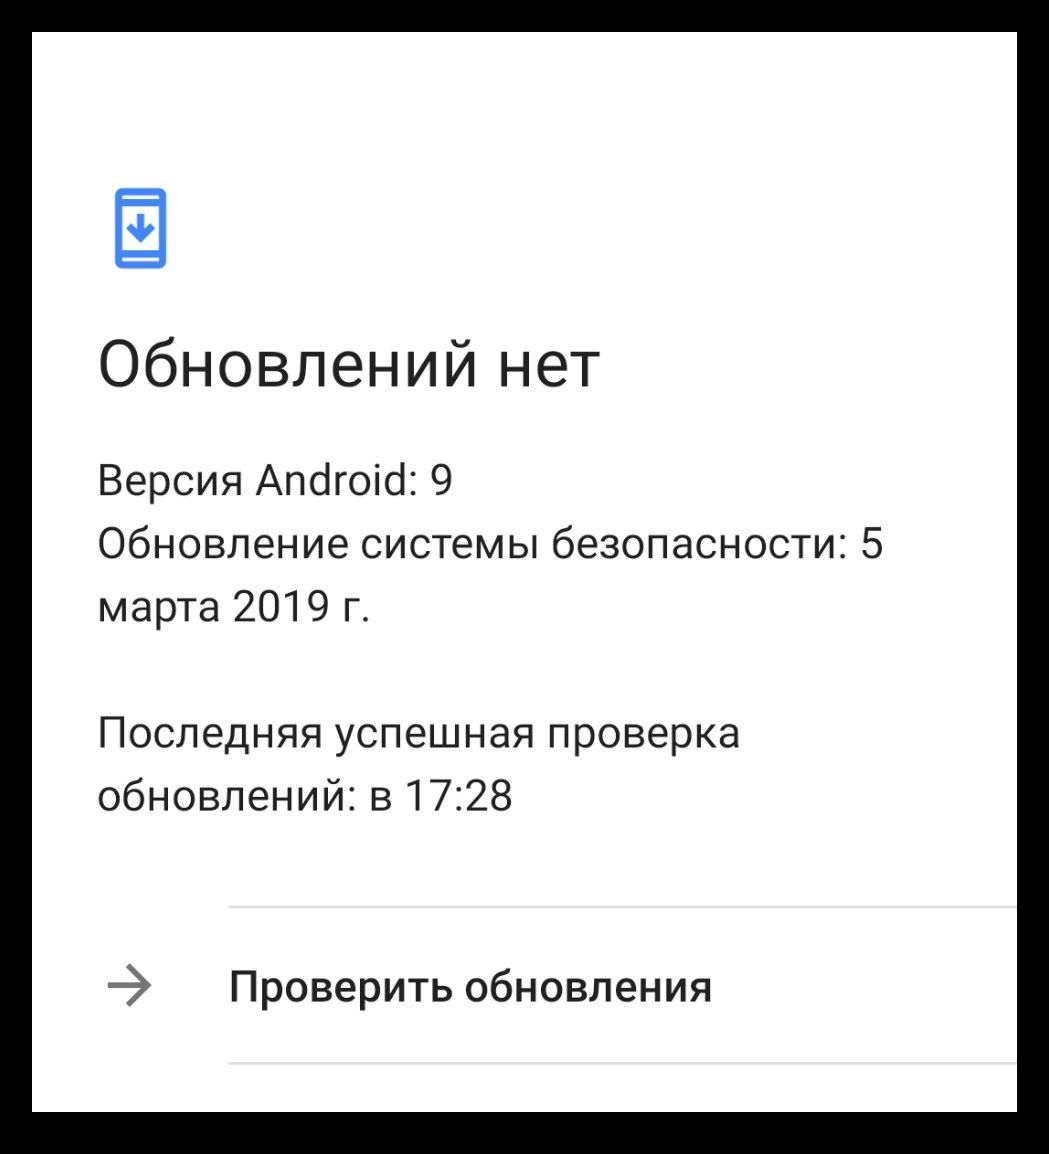 obnovleniya-sistemy.png